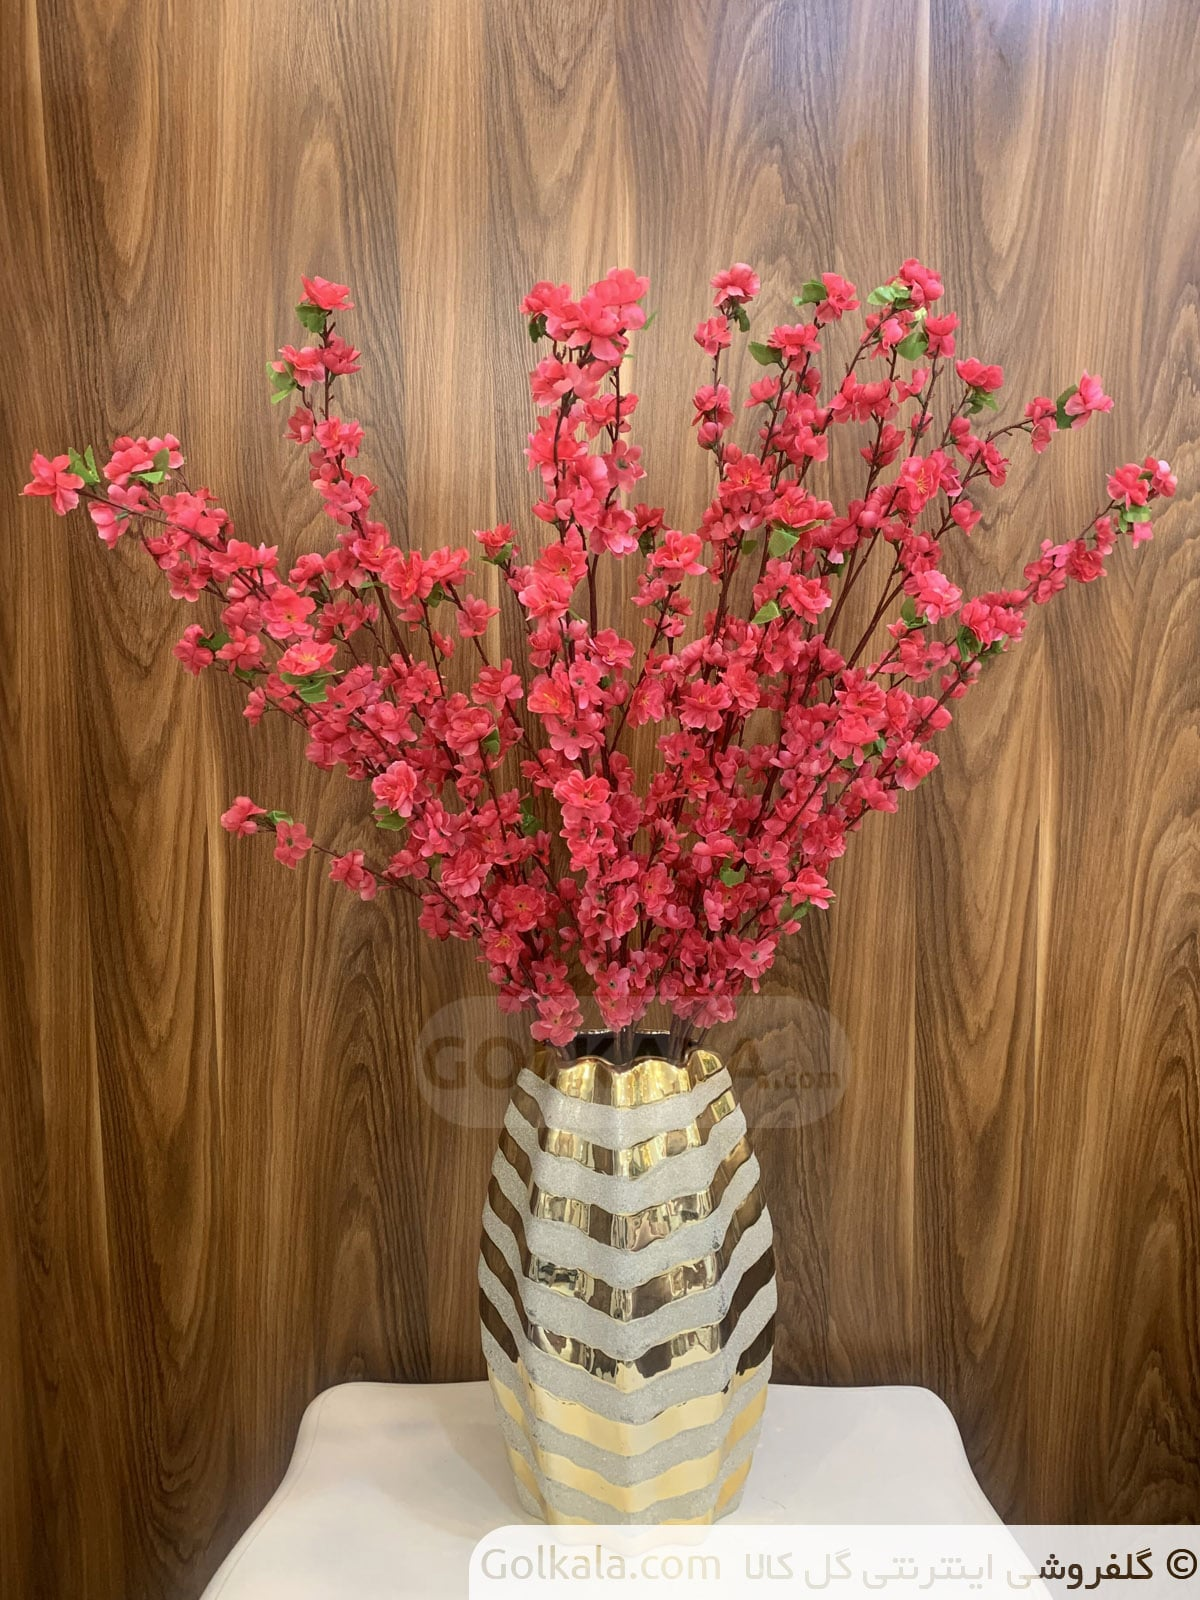 شکوفه قرمز گل کالا با پشت چوبی